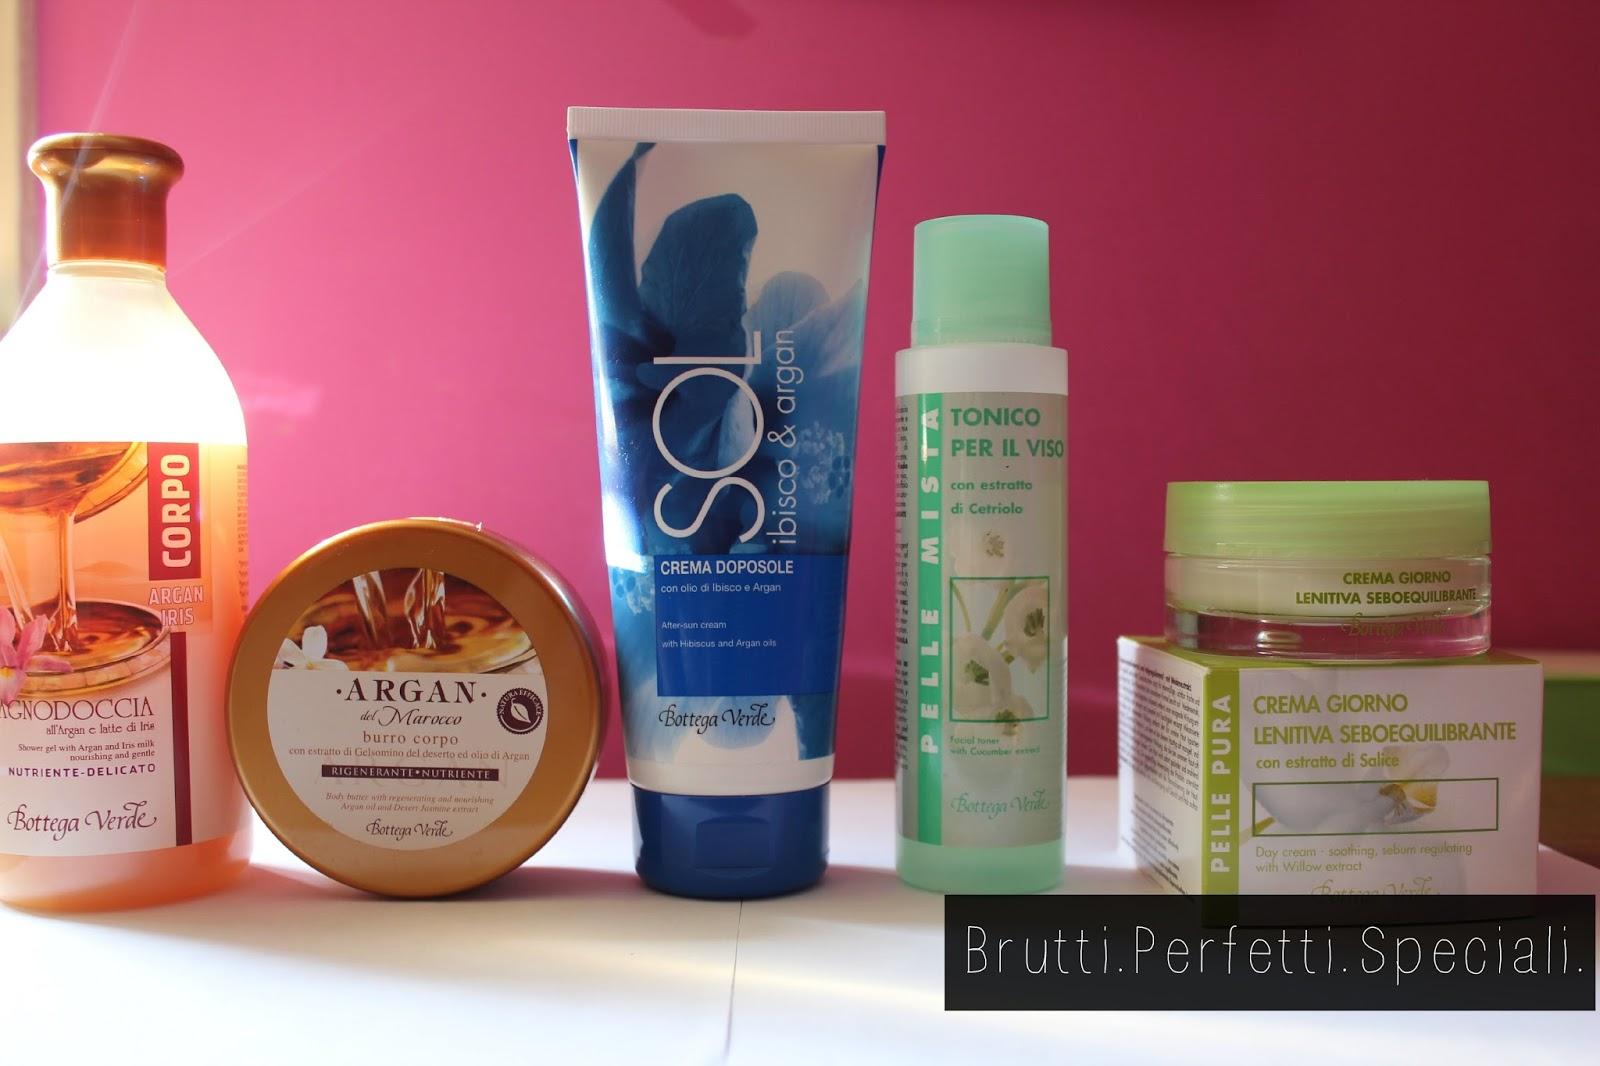 Bagno Doccia Bottega Verde : Haul e review bottega verde brutti perfetti speciali